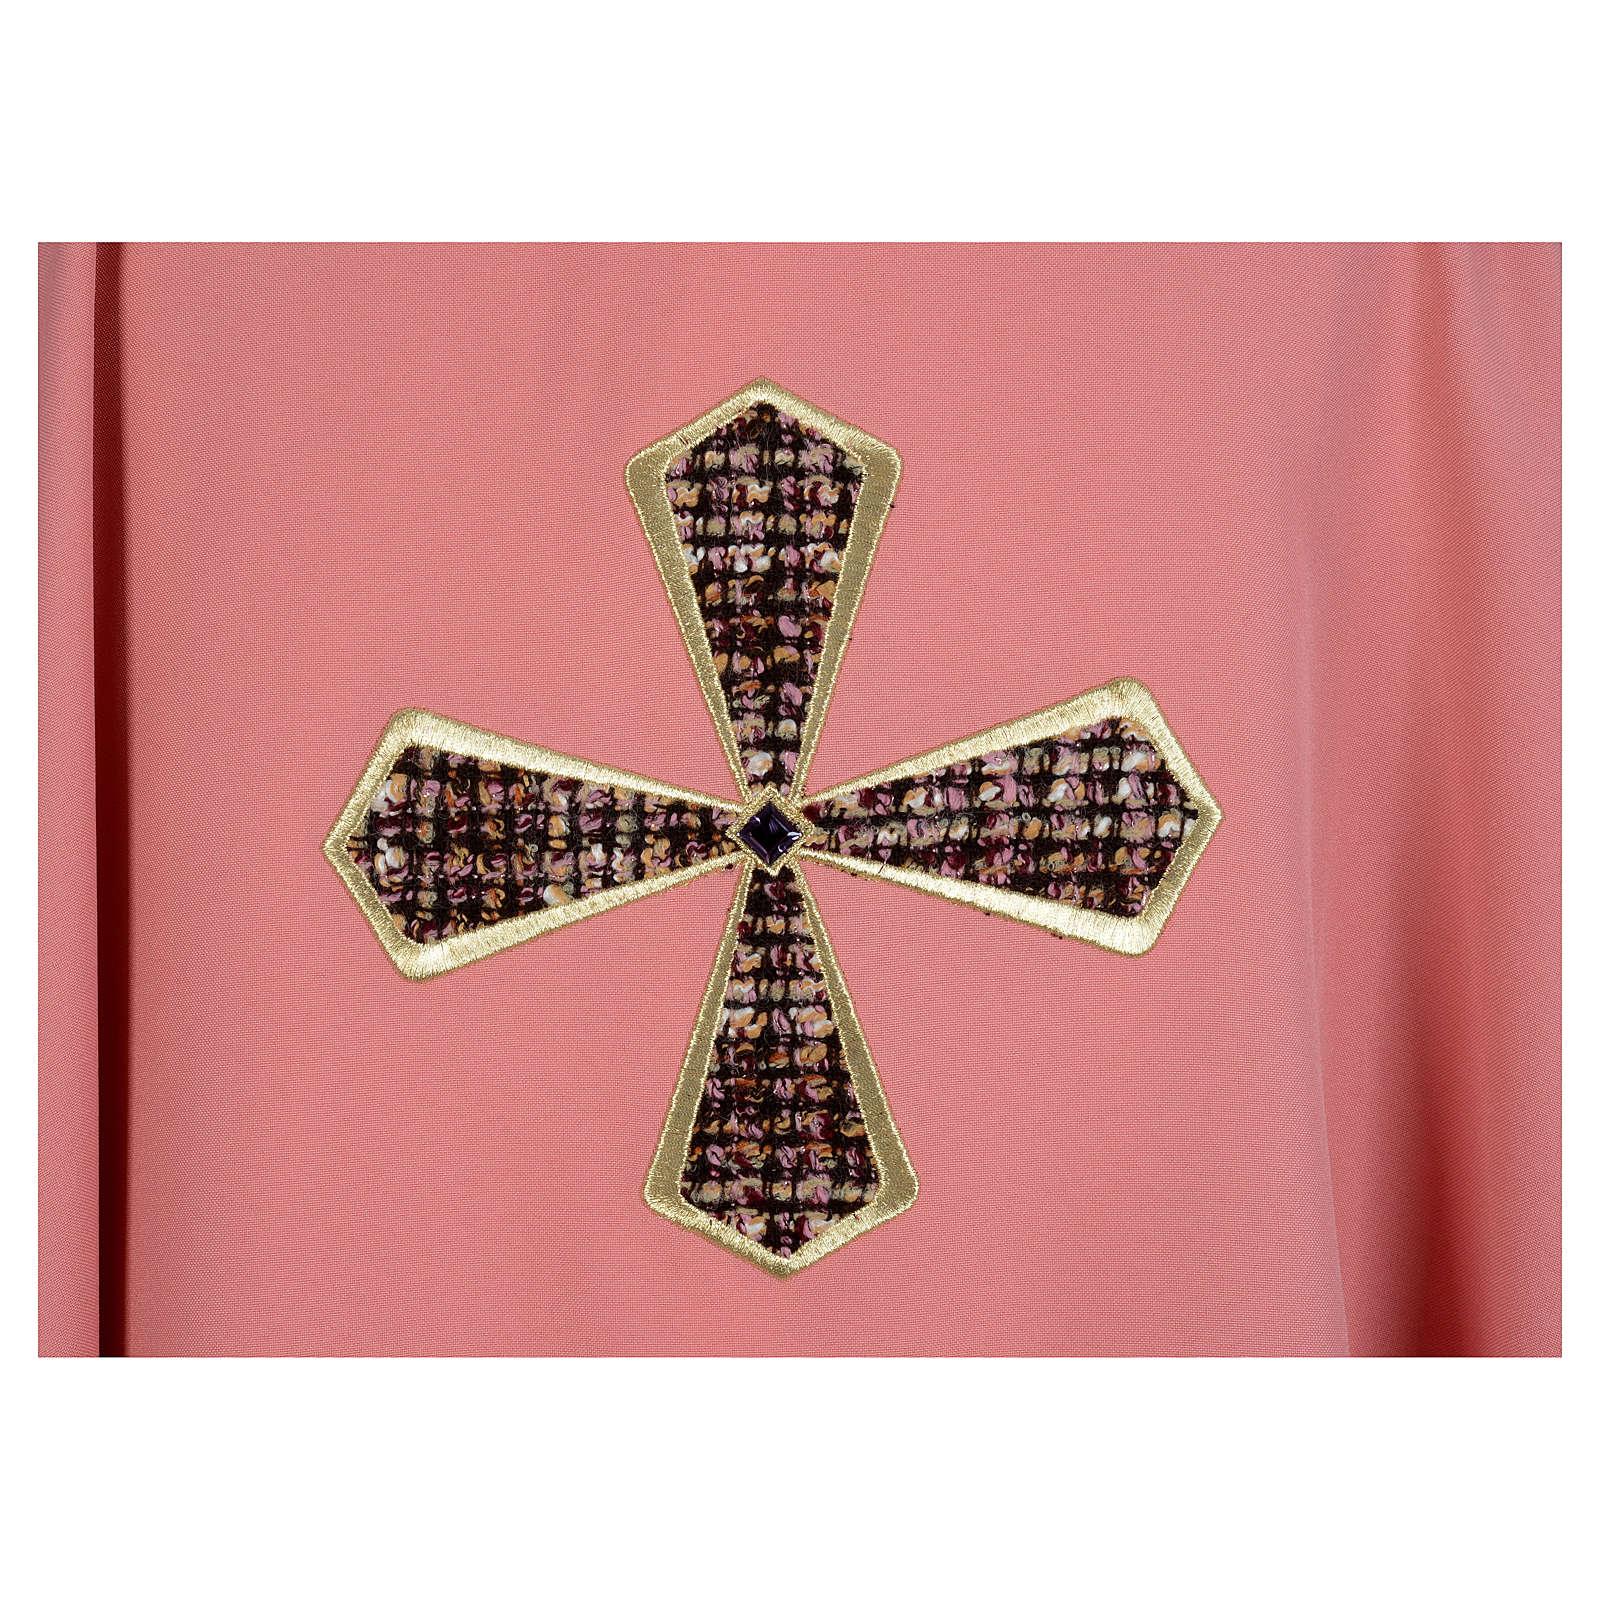 Ornat różowy 100% poliester wstawki tkaniny krzyż haftowany 4